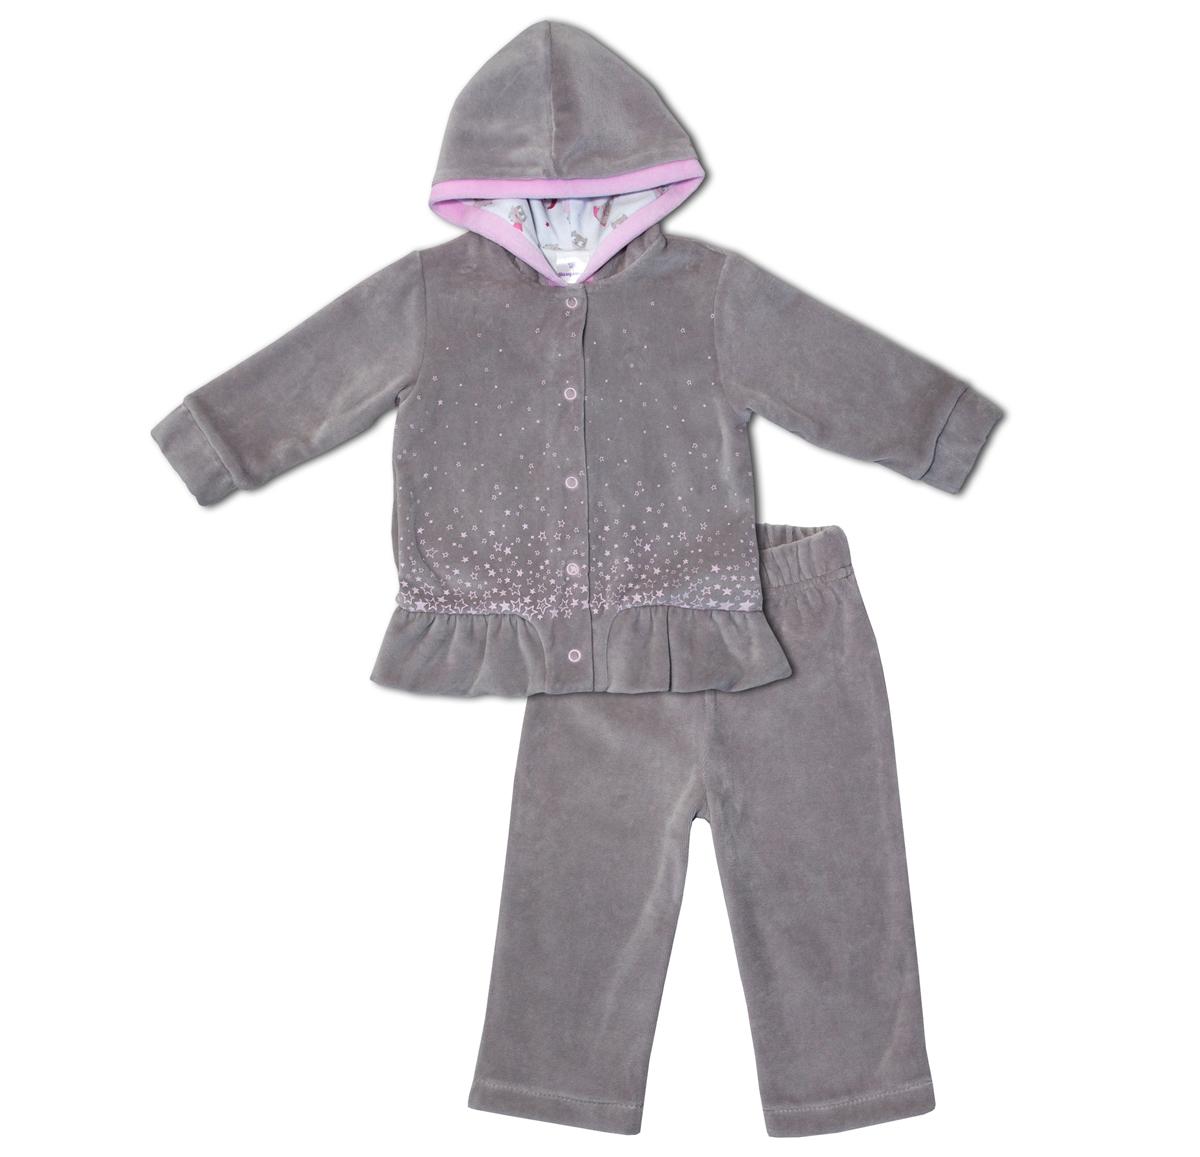 Комплект одежды для девочки Мамуляндия Совушки: кофта, брюки, цвет: серый. 17-22003. Размер 86 водолазки и лонгсливы zeyland кофта для девочки 72z4tav61